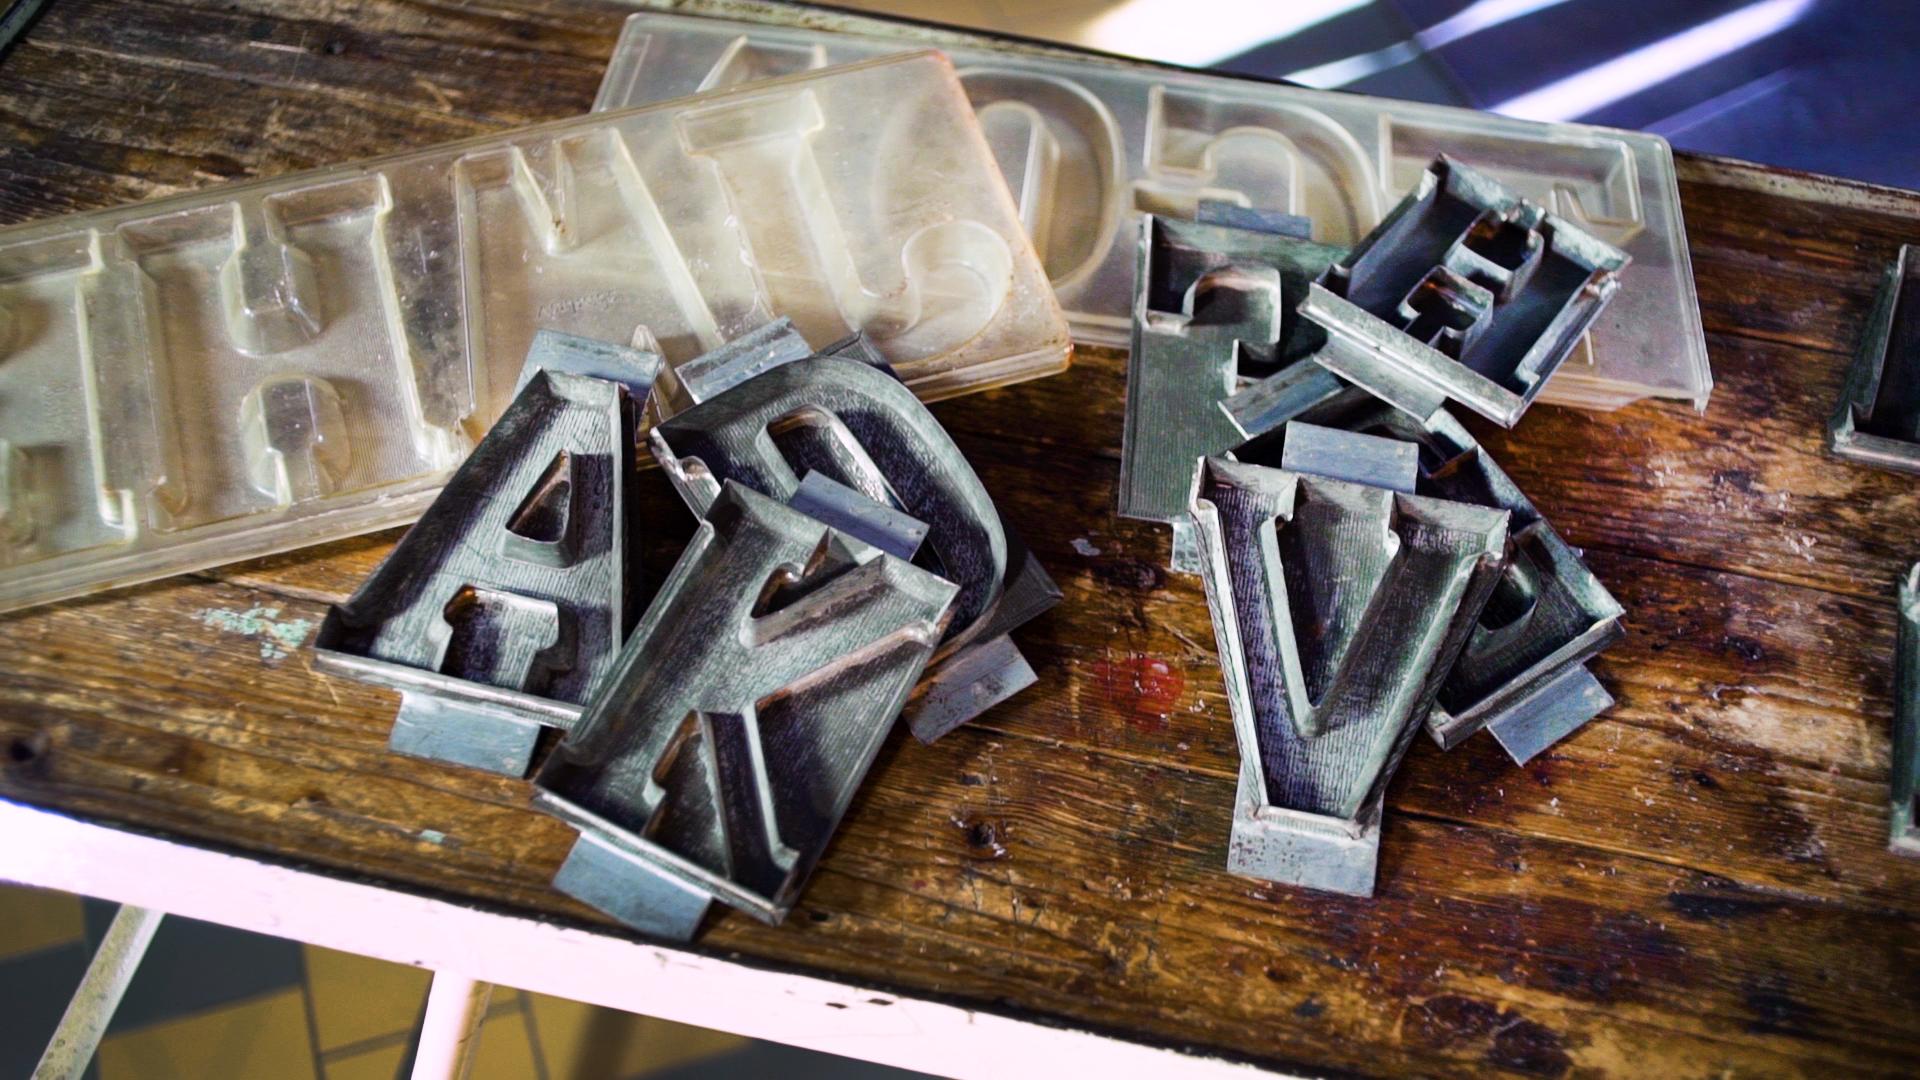 Chocoladelettermallen worden gebruikt bij de extra productie voor Sinterklaas. (Foto: Zaans Museum)